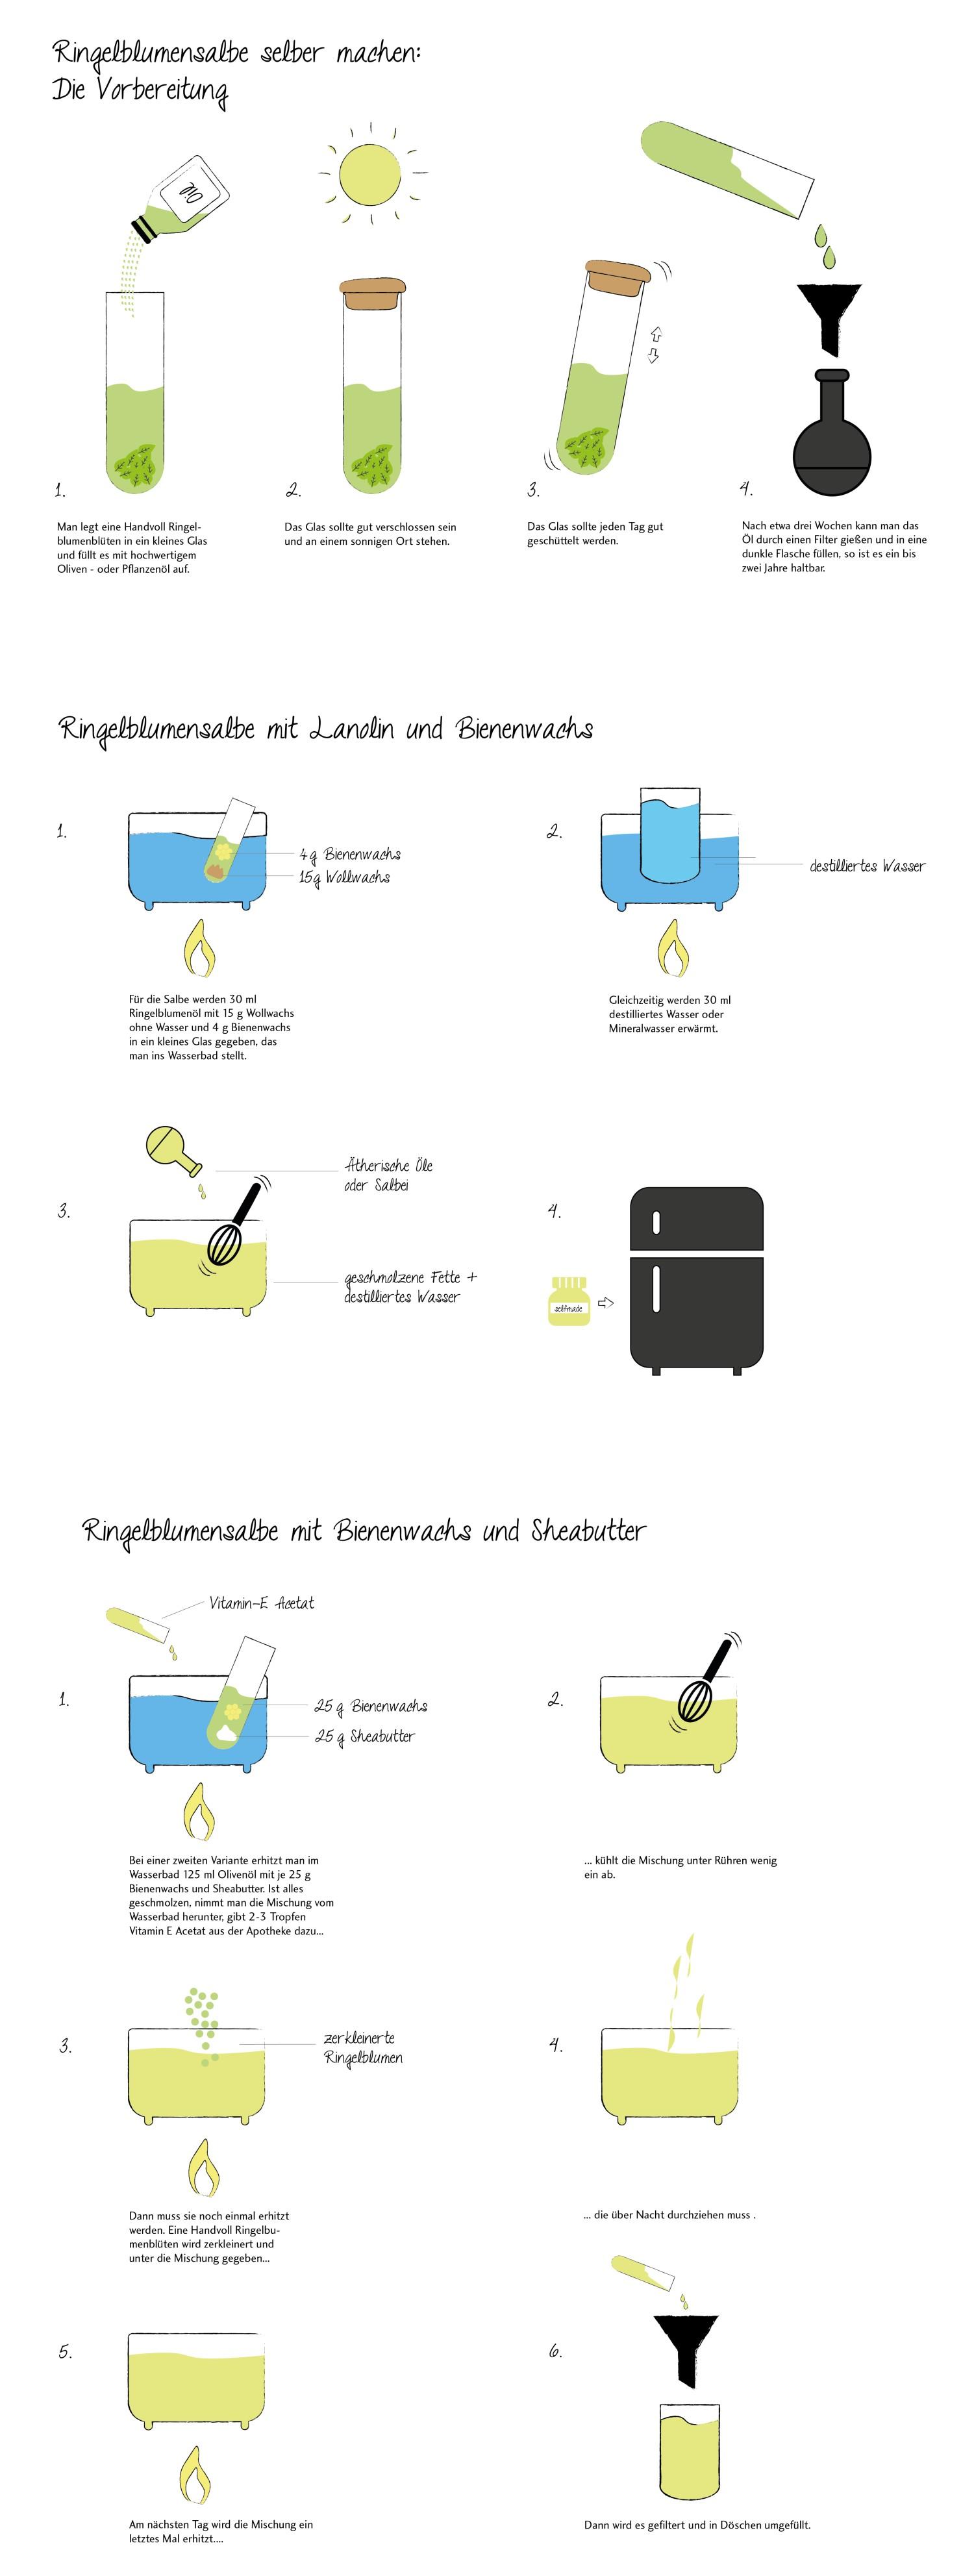 Bekannt Ringelblumensalbe selber machen: Eine Anleitung – Kräuterallerlei KV43